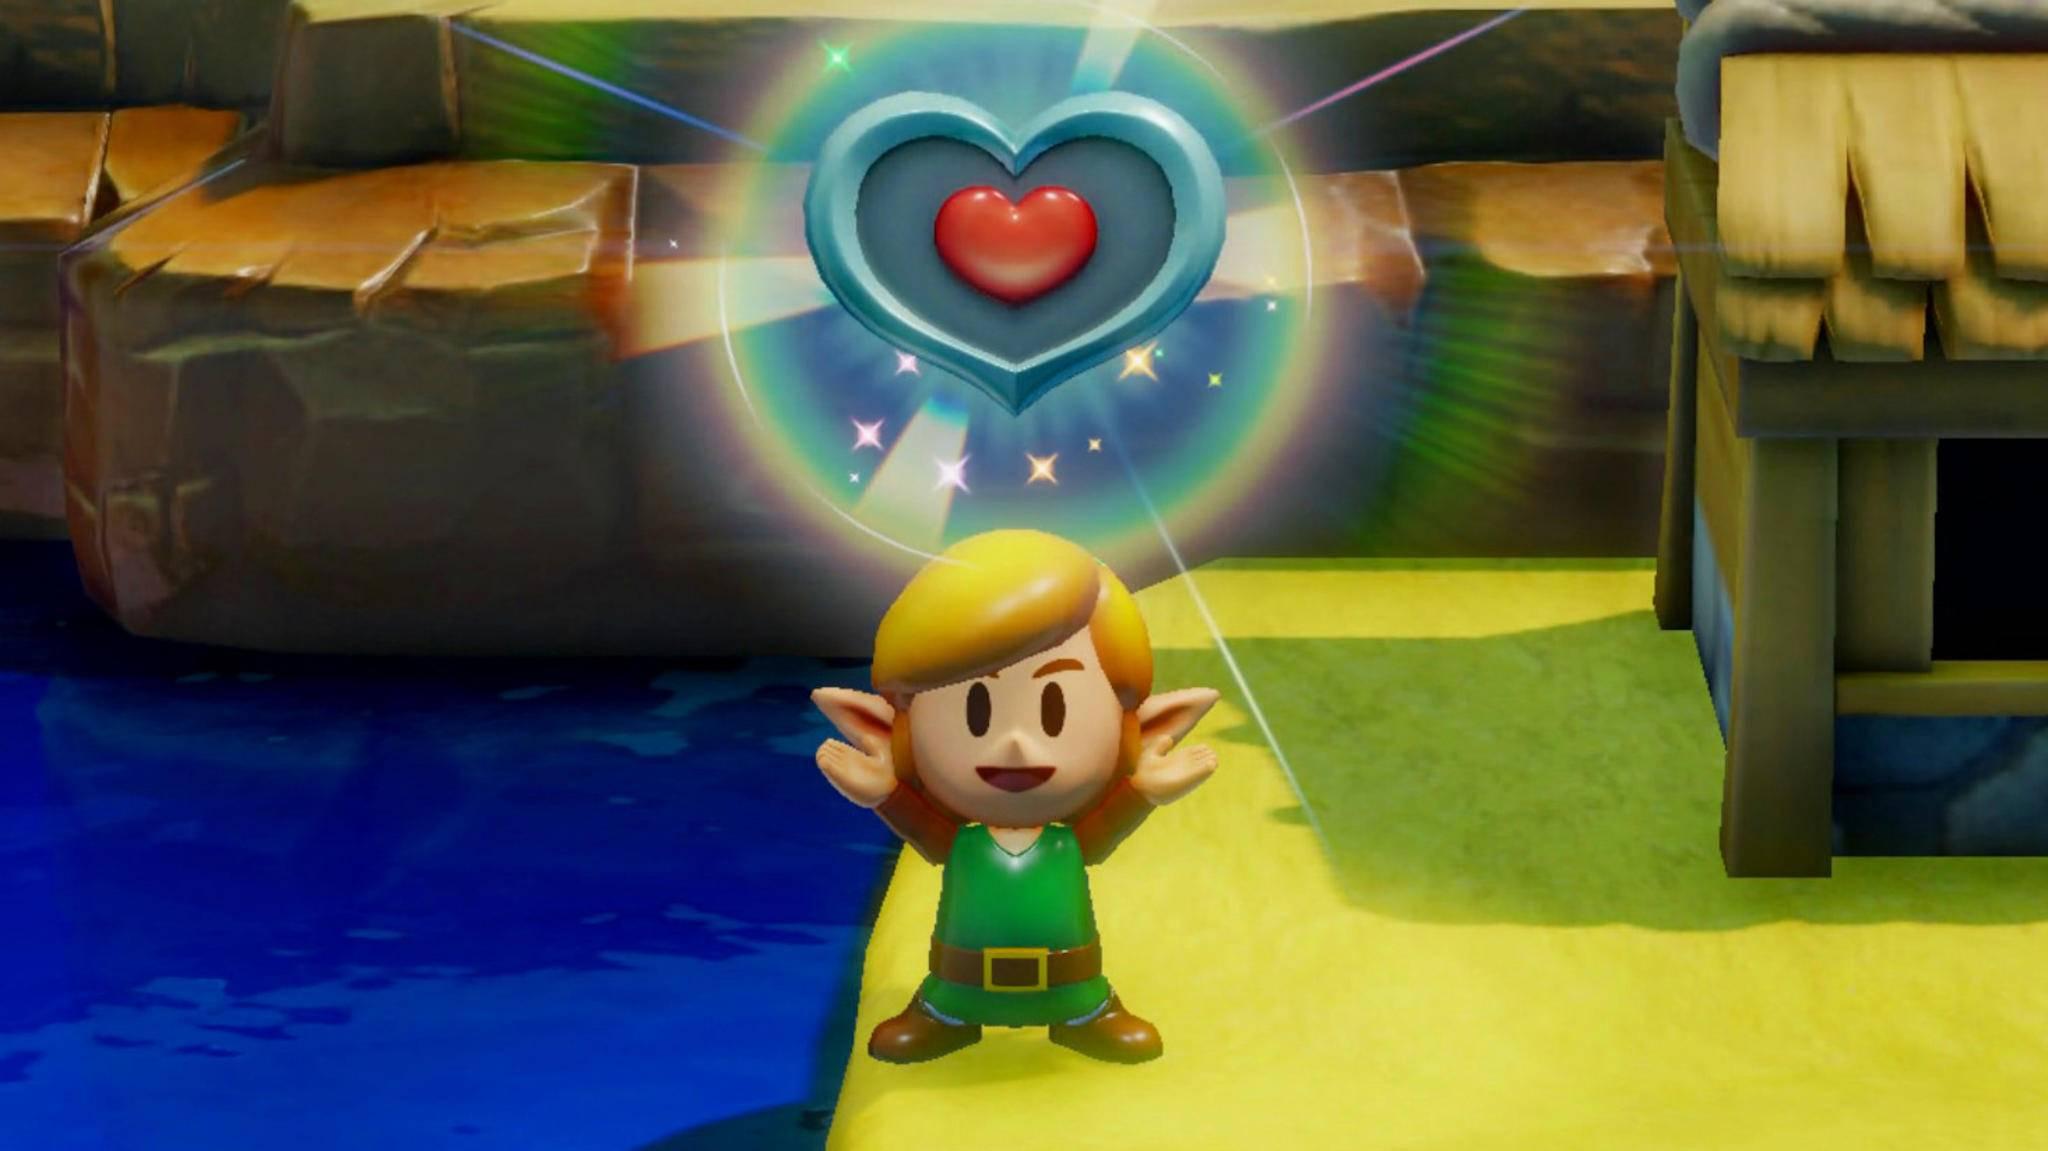 Anspiel Test Zum Zelda Links Awakening Remake Auf Switch So